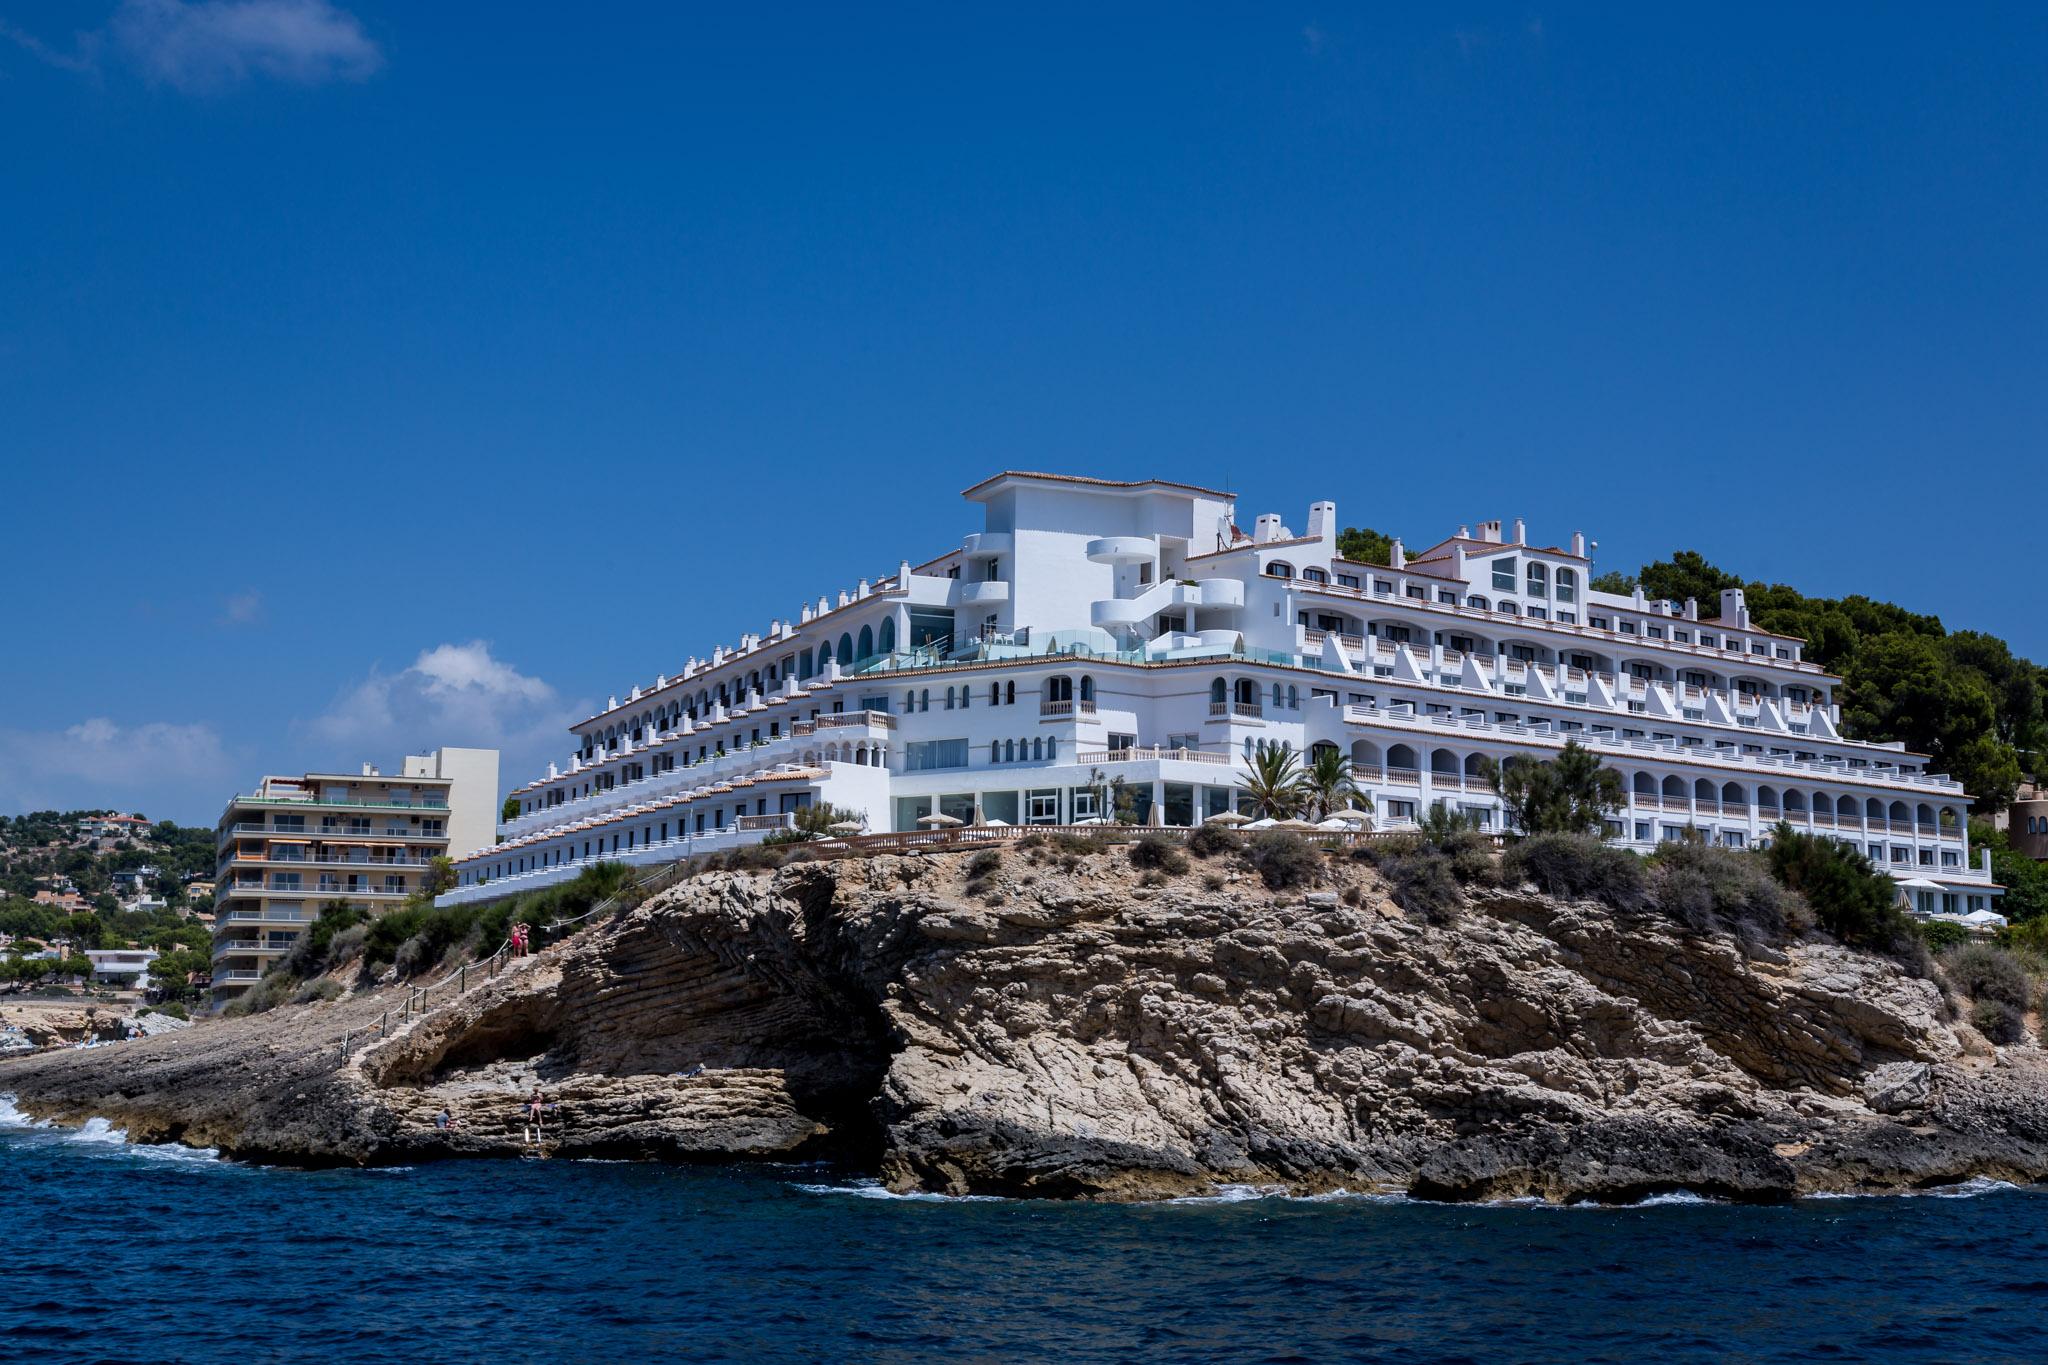 Hotel Sentido Mallorca